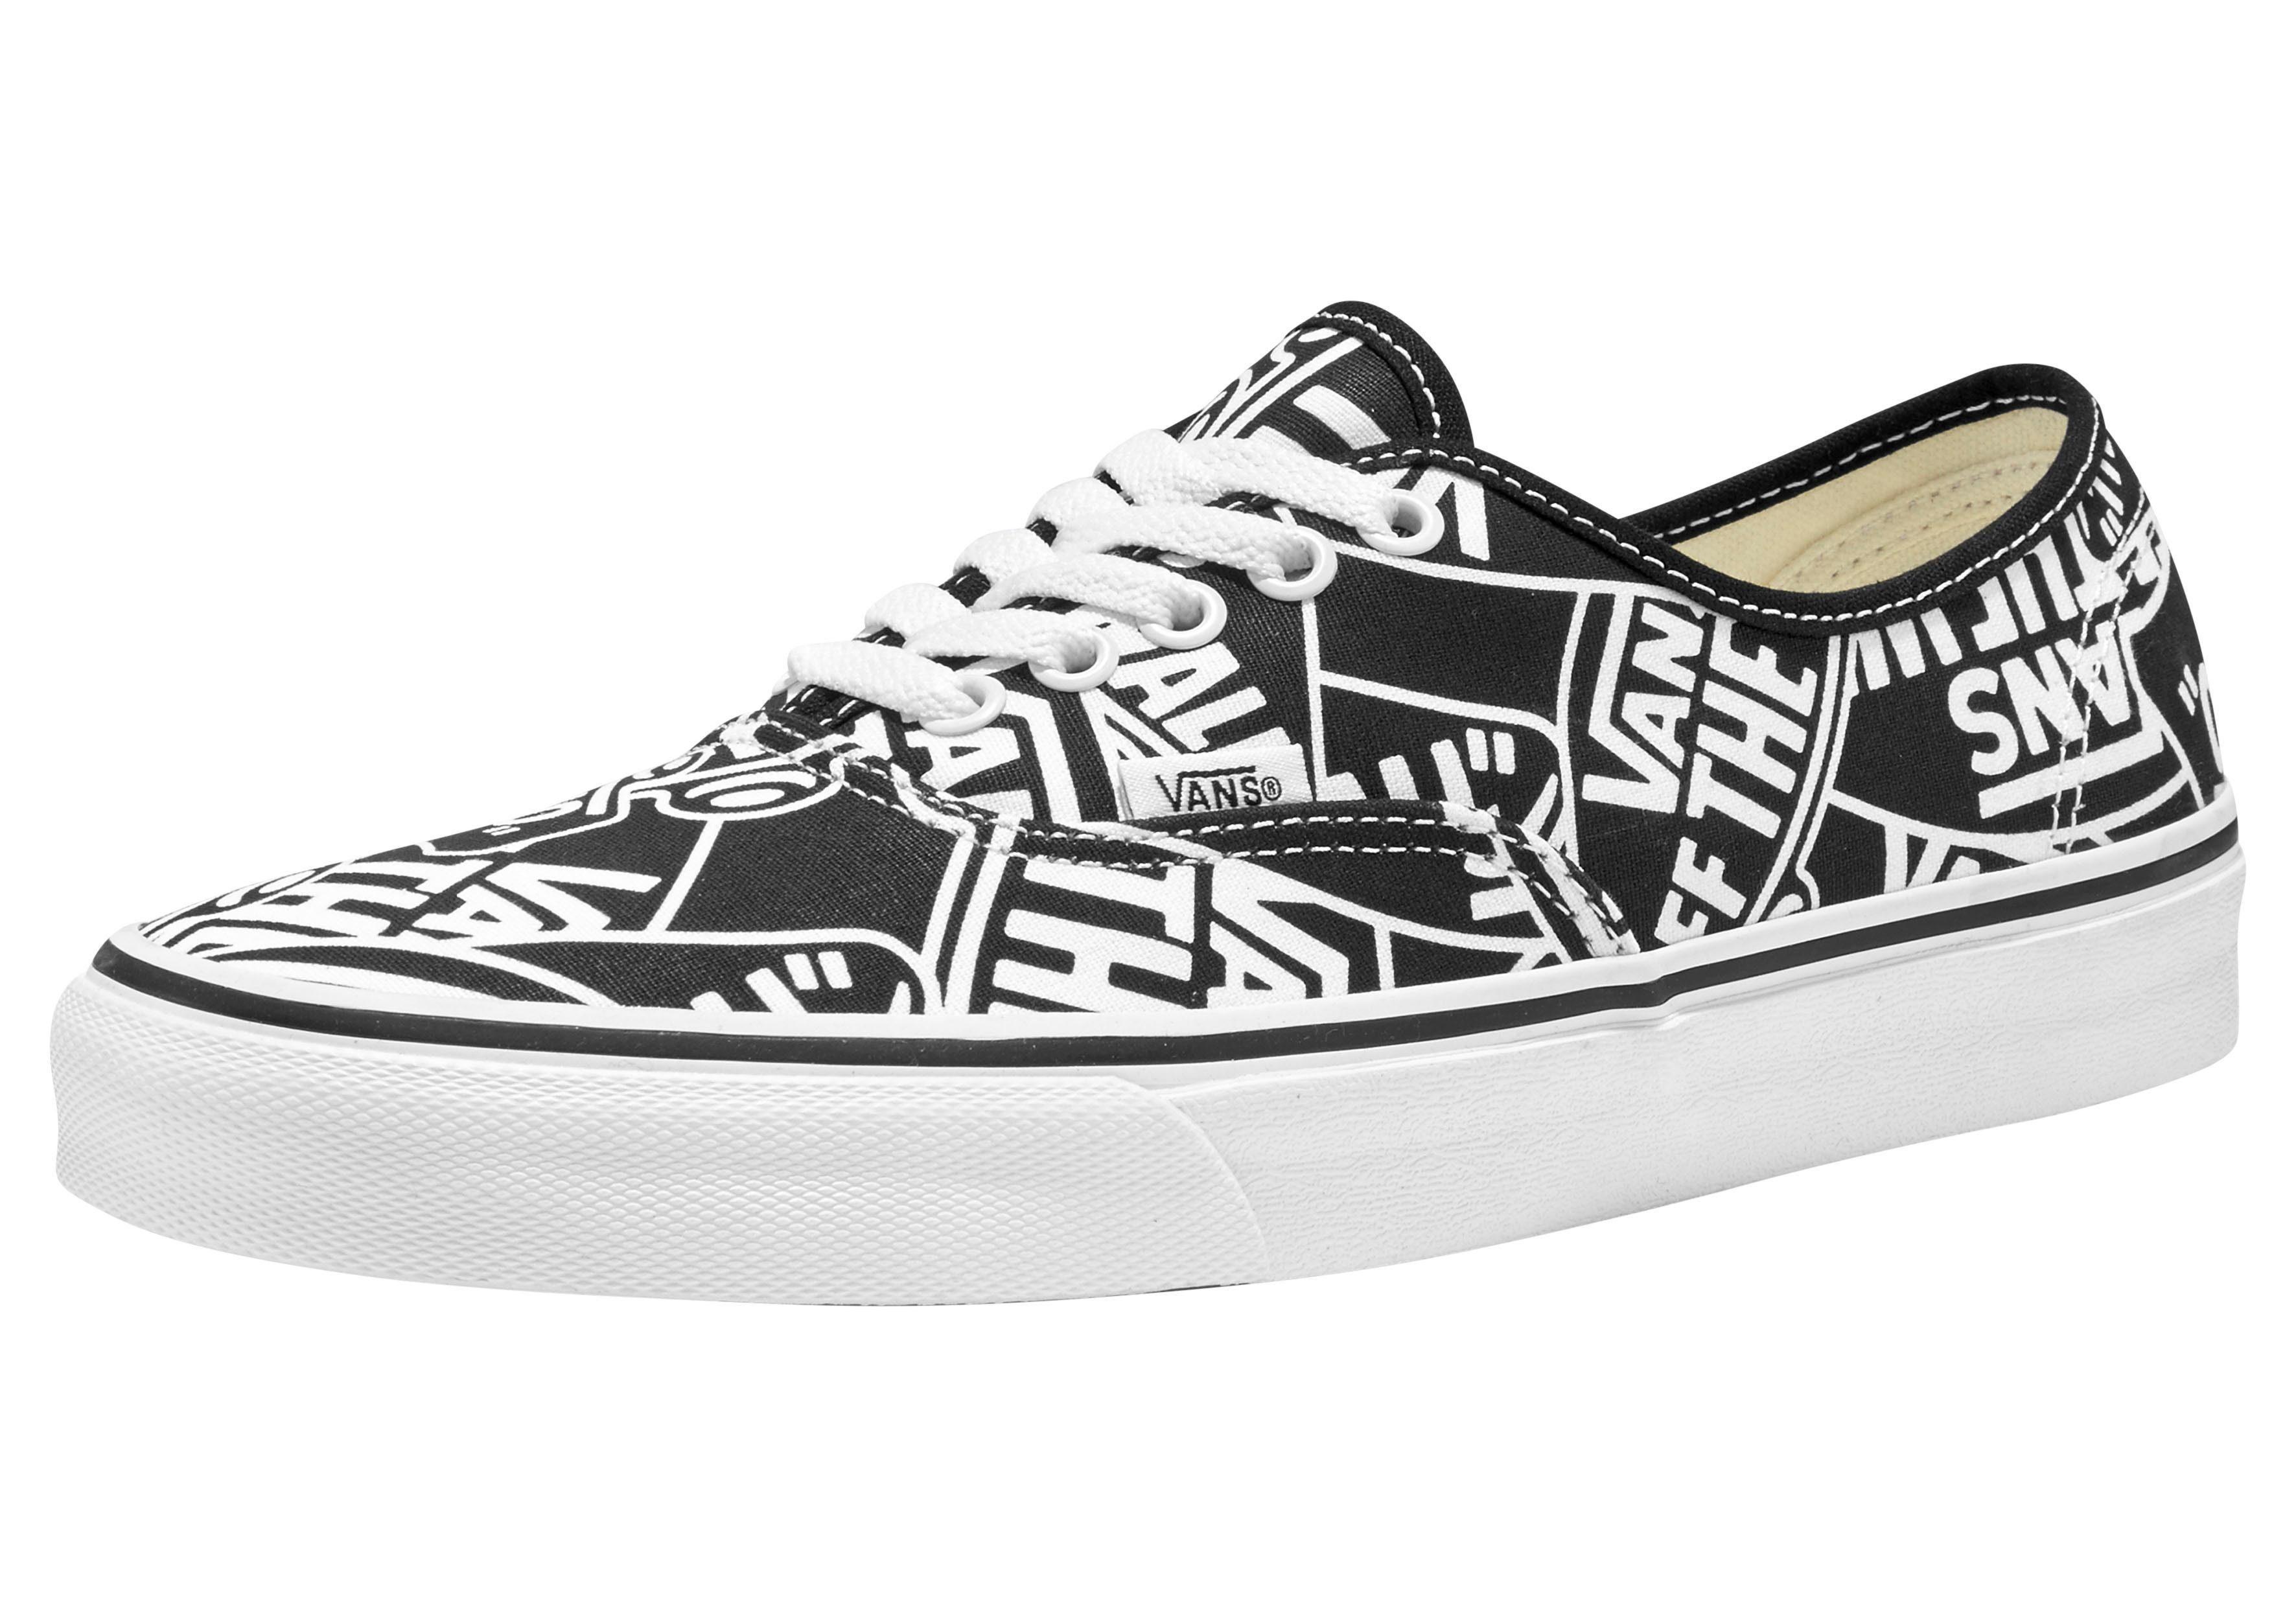 Vans »Authentic OTW Repeat« Sneaker online kaufen   OTTO